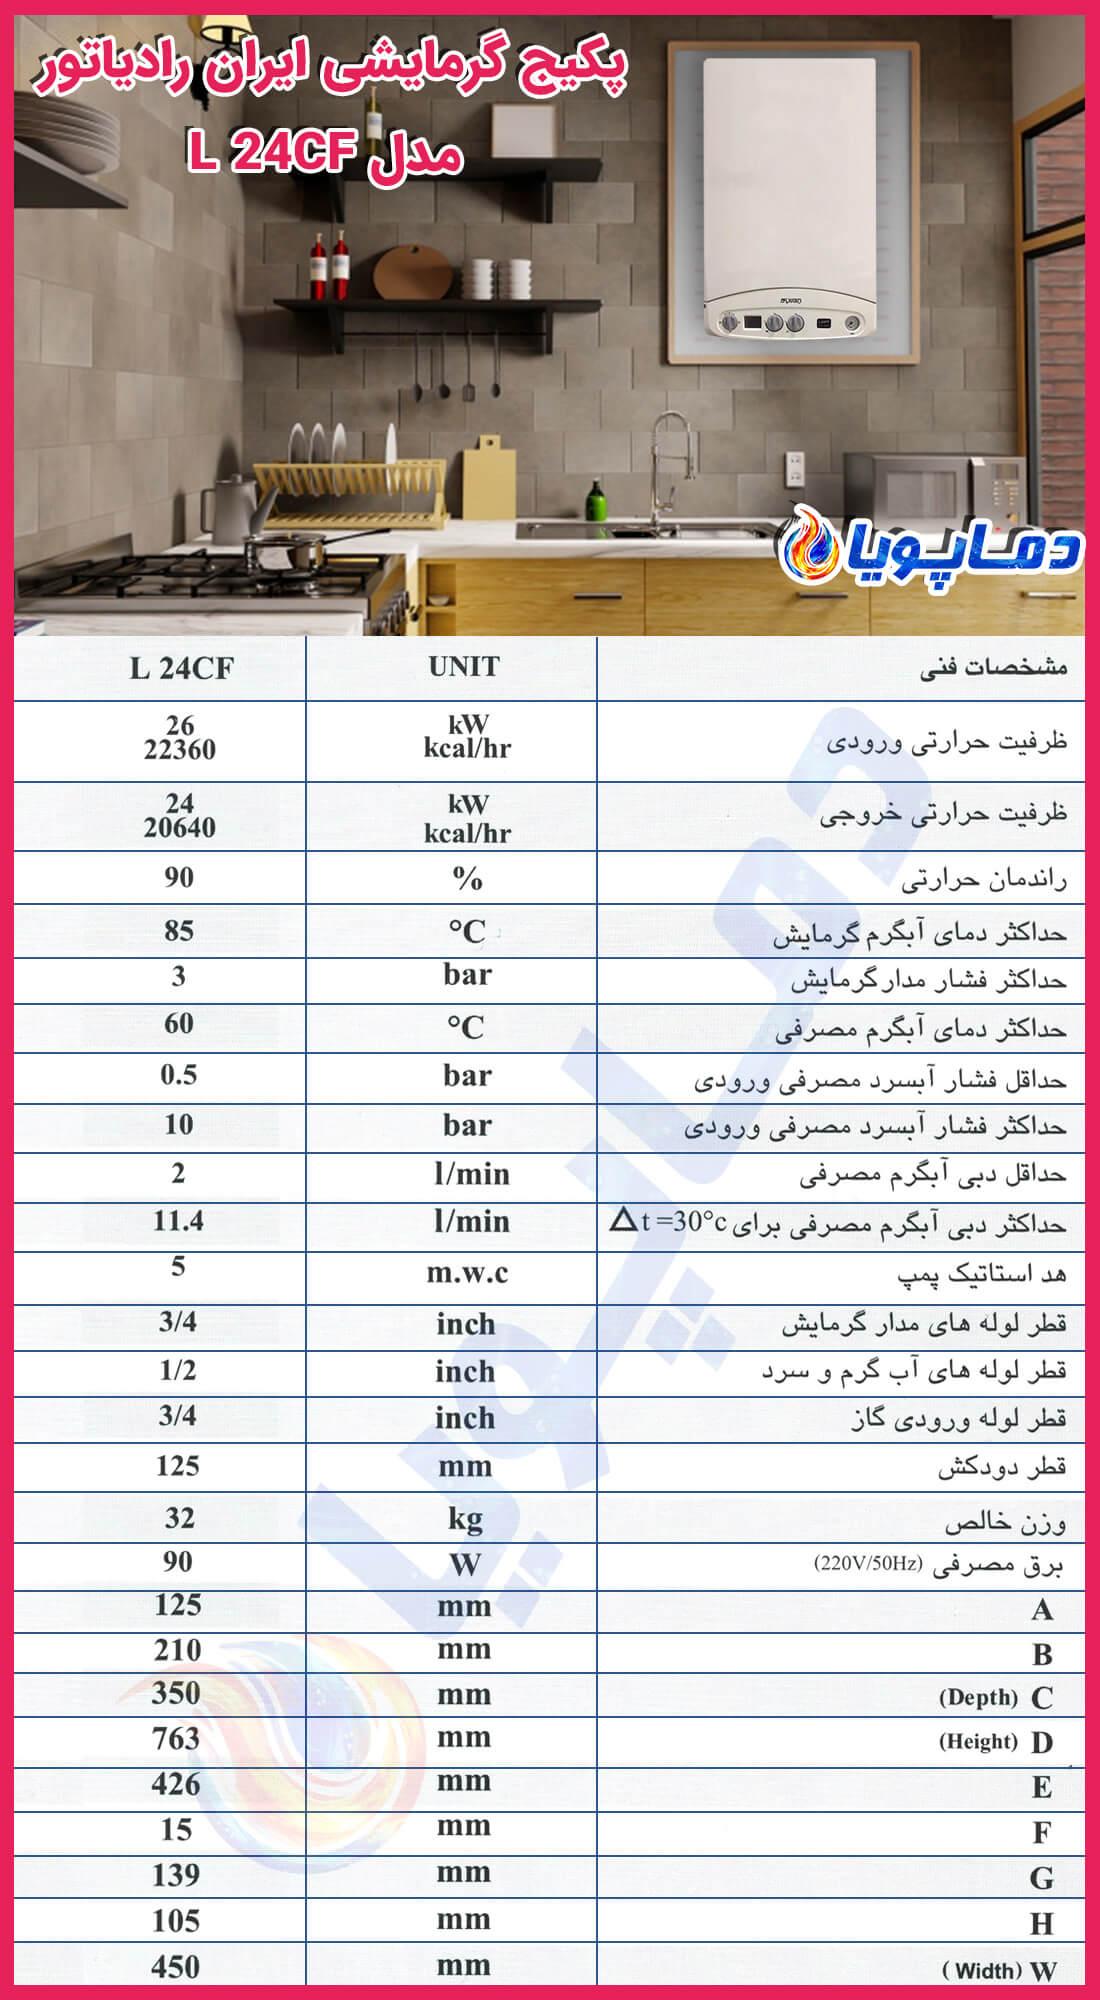 کاتالوگ پکیج دیواری ایران رادیاتورمدل L24CF